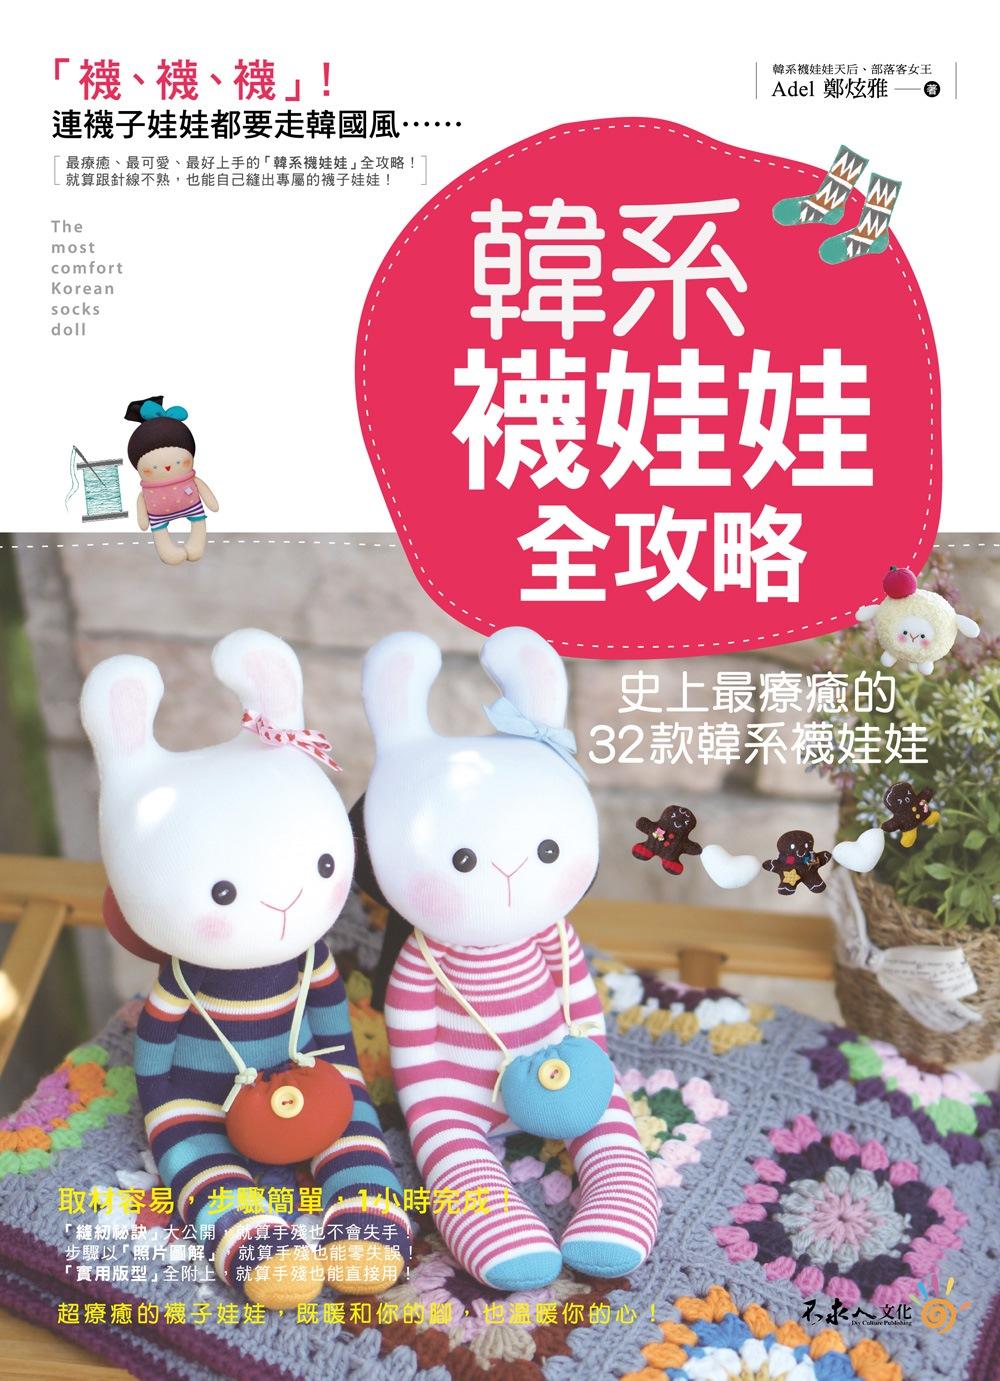 韓系襪娃娃全攻略:史上最療癒的32款韓系襪娃娃